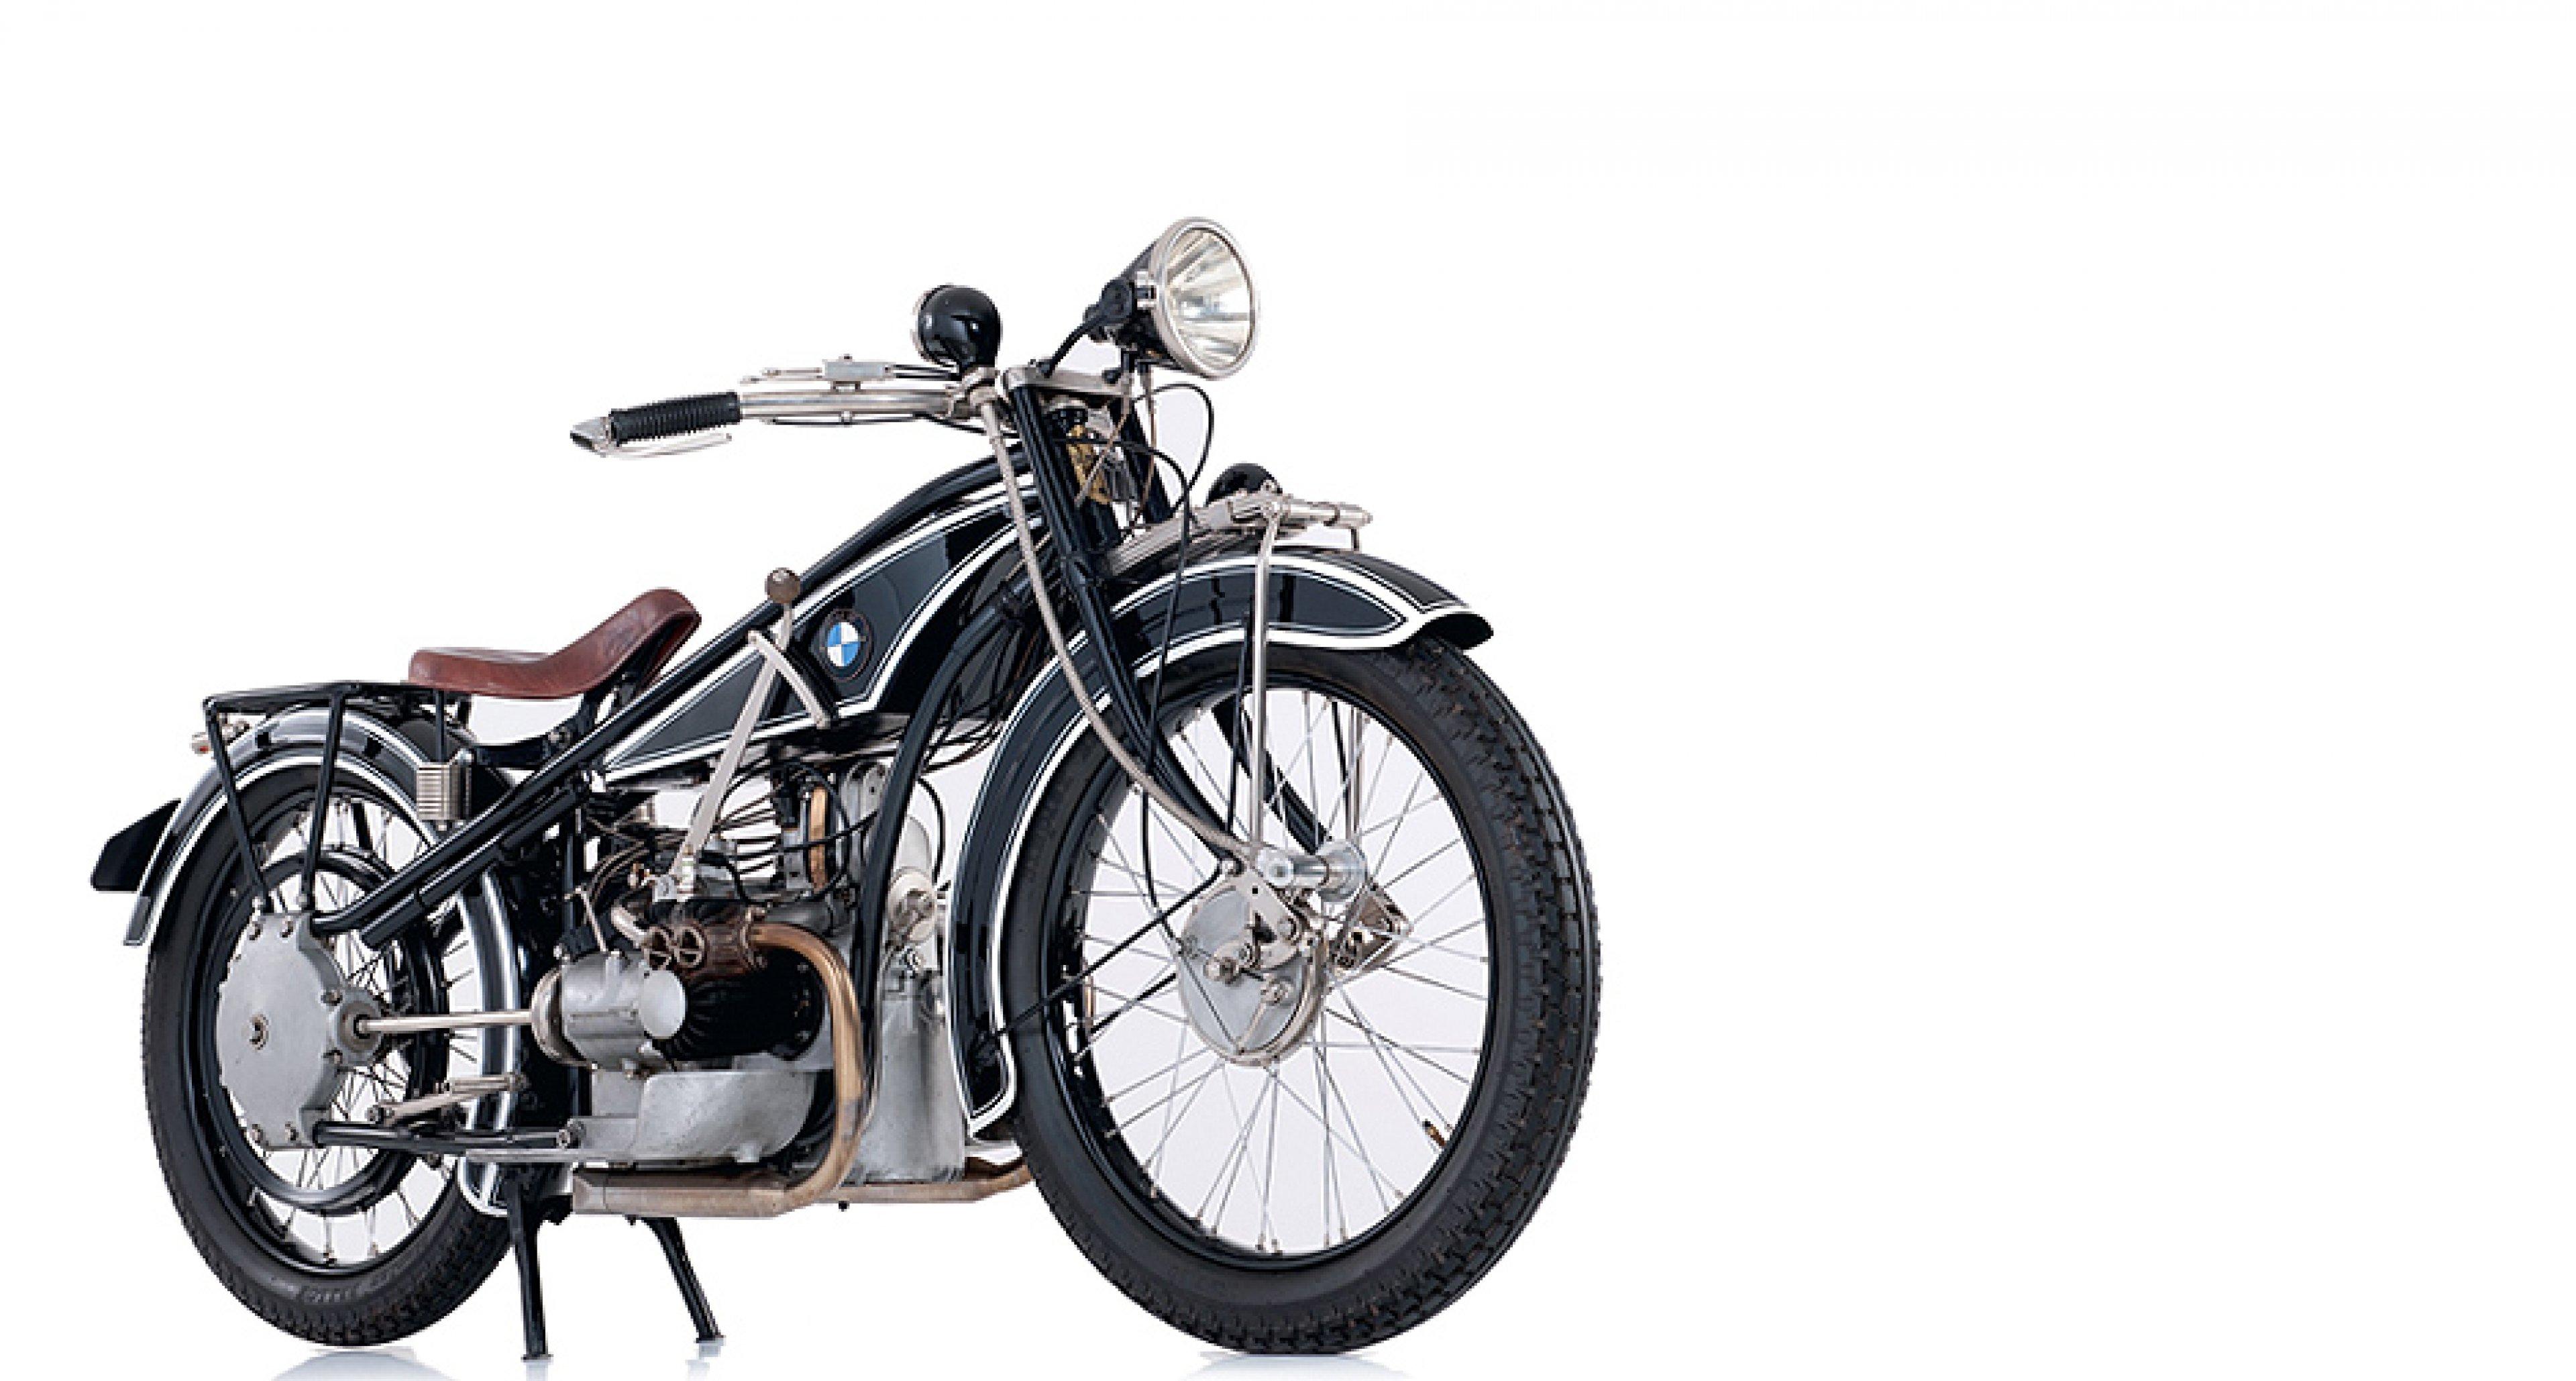 Caf racer 76 10 27 13 for Salon moto nice